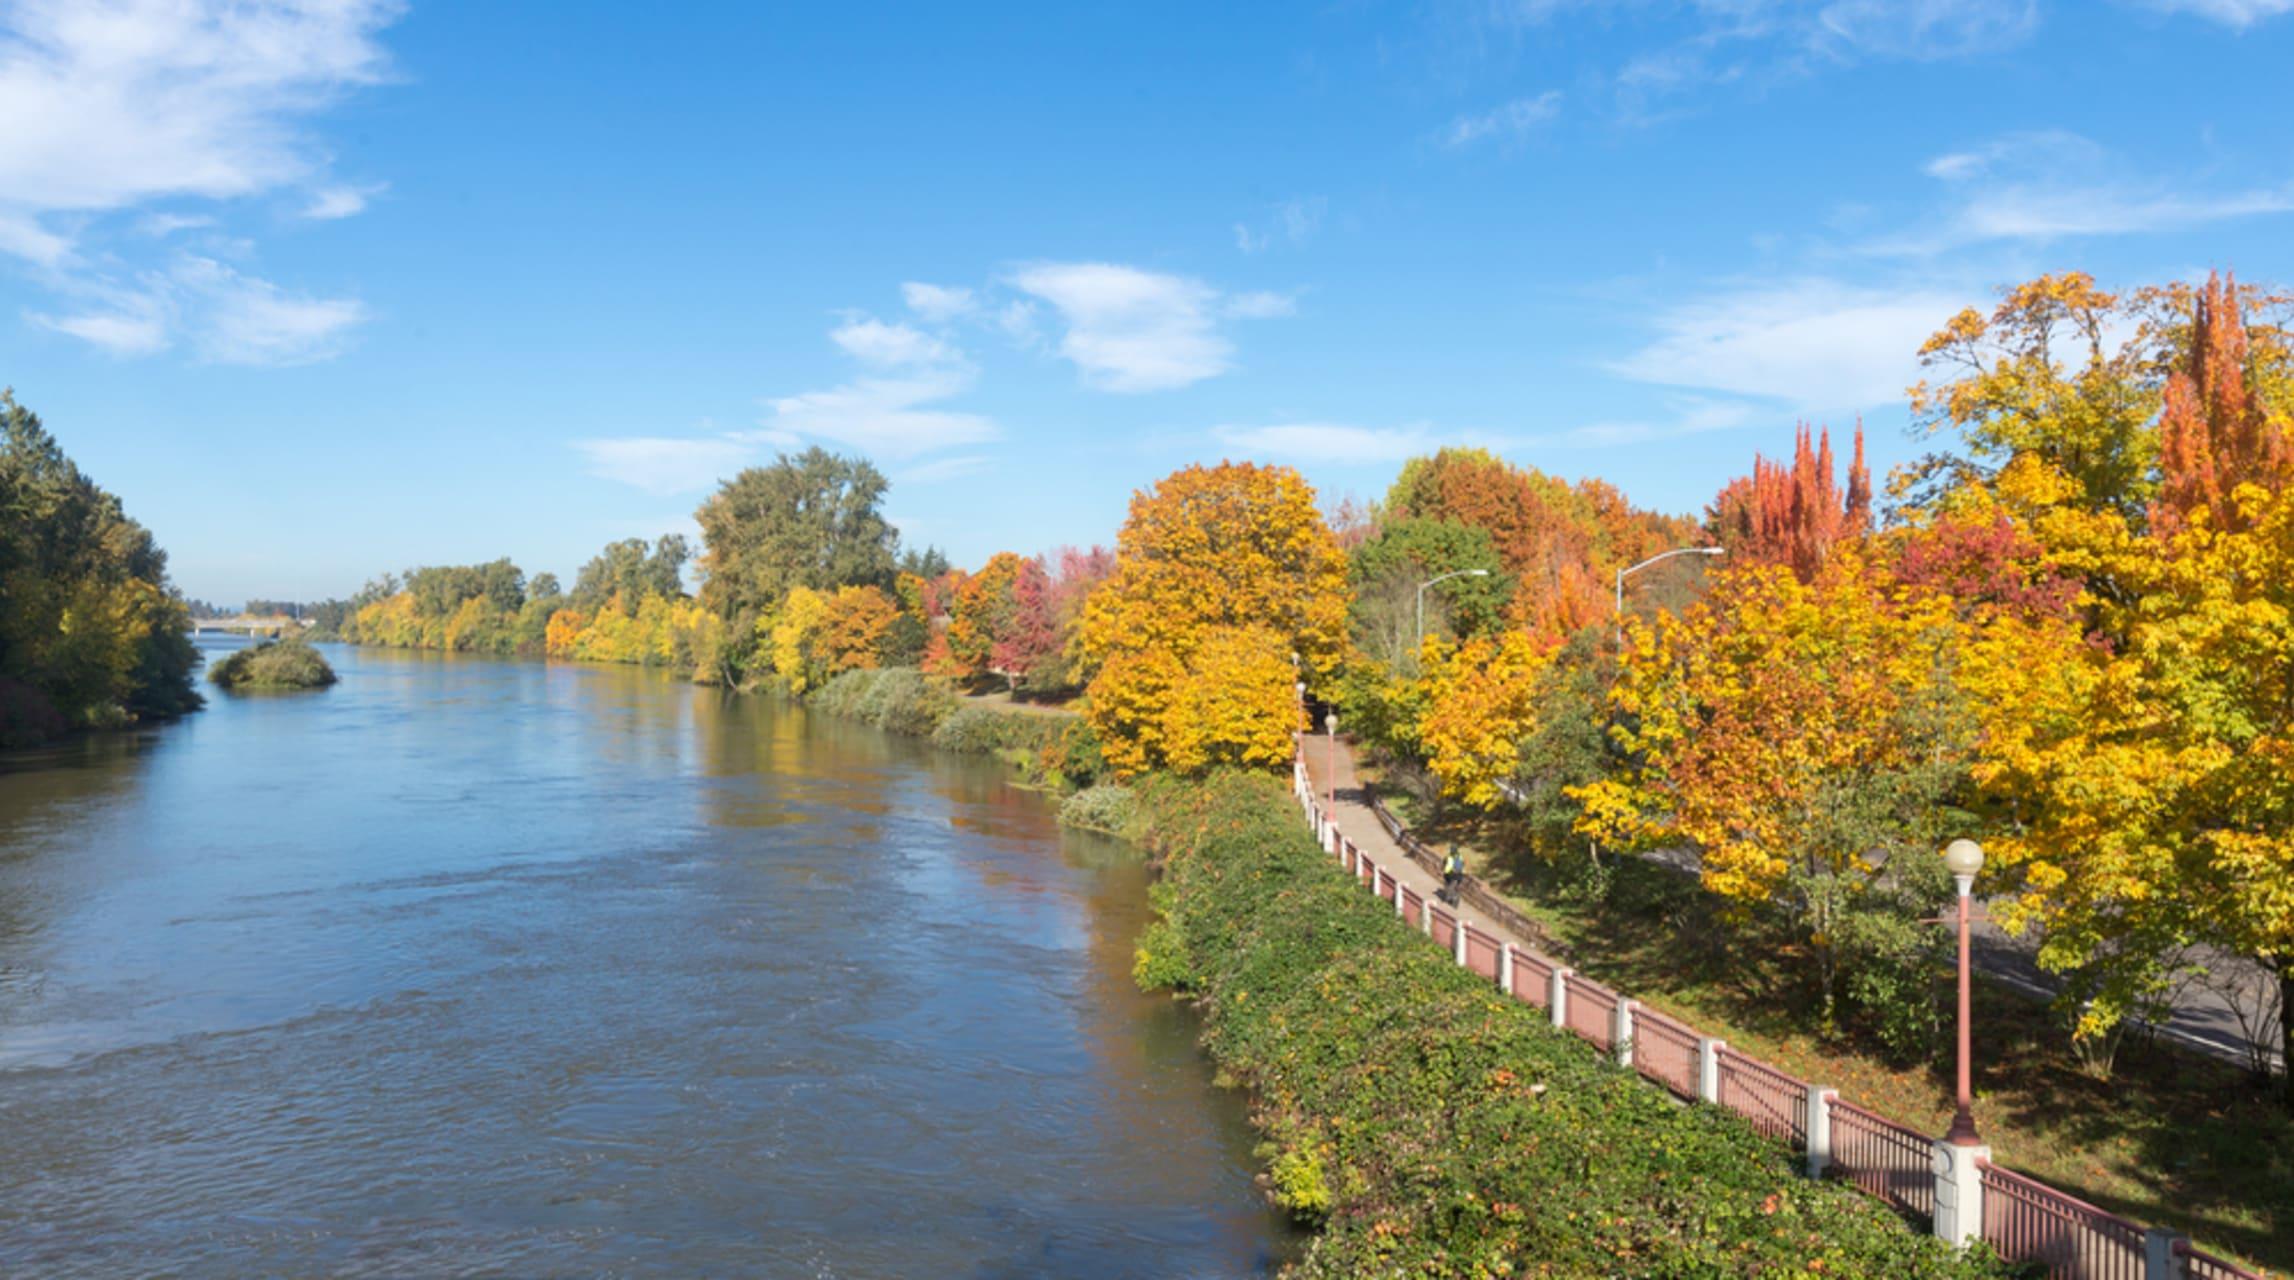 Oregon - Walking along the Willamette River in Portland